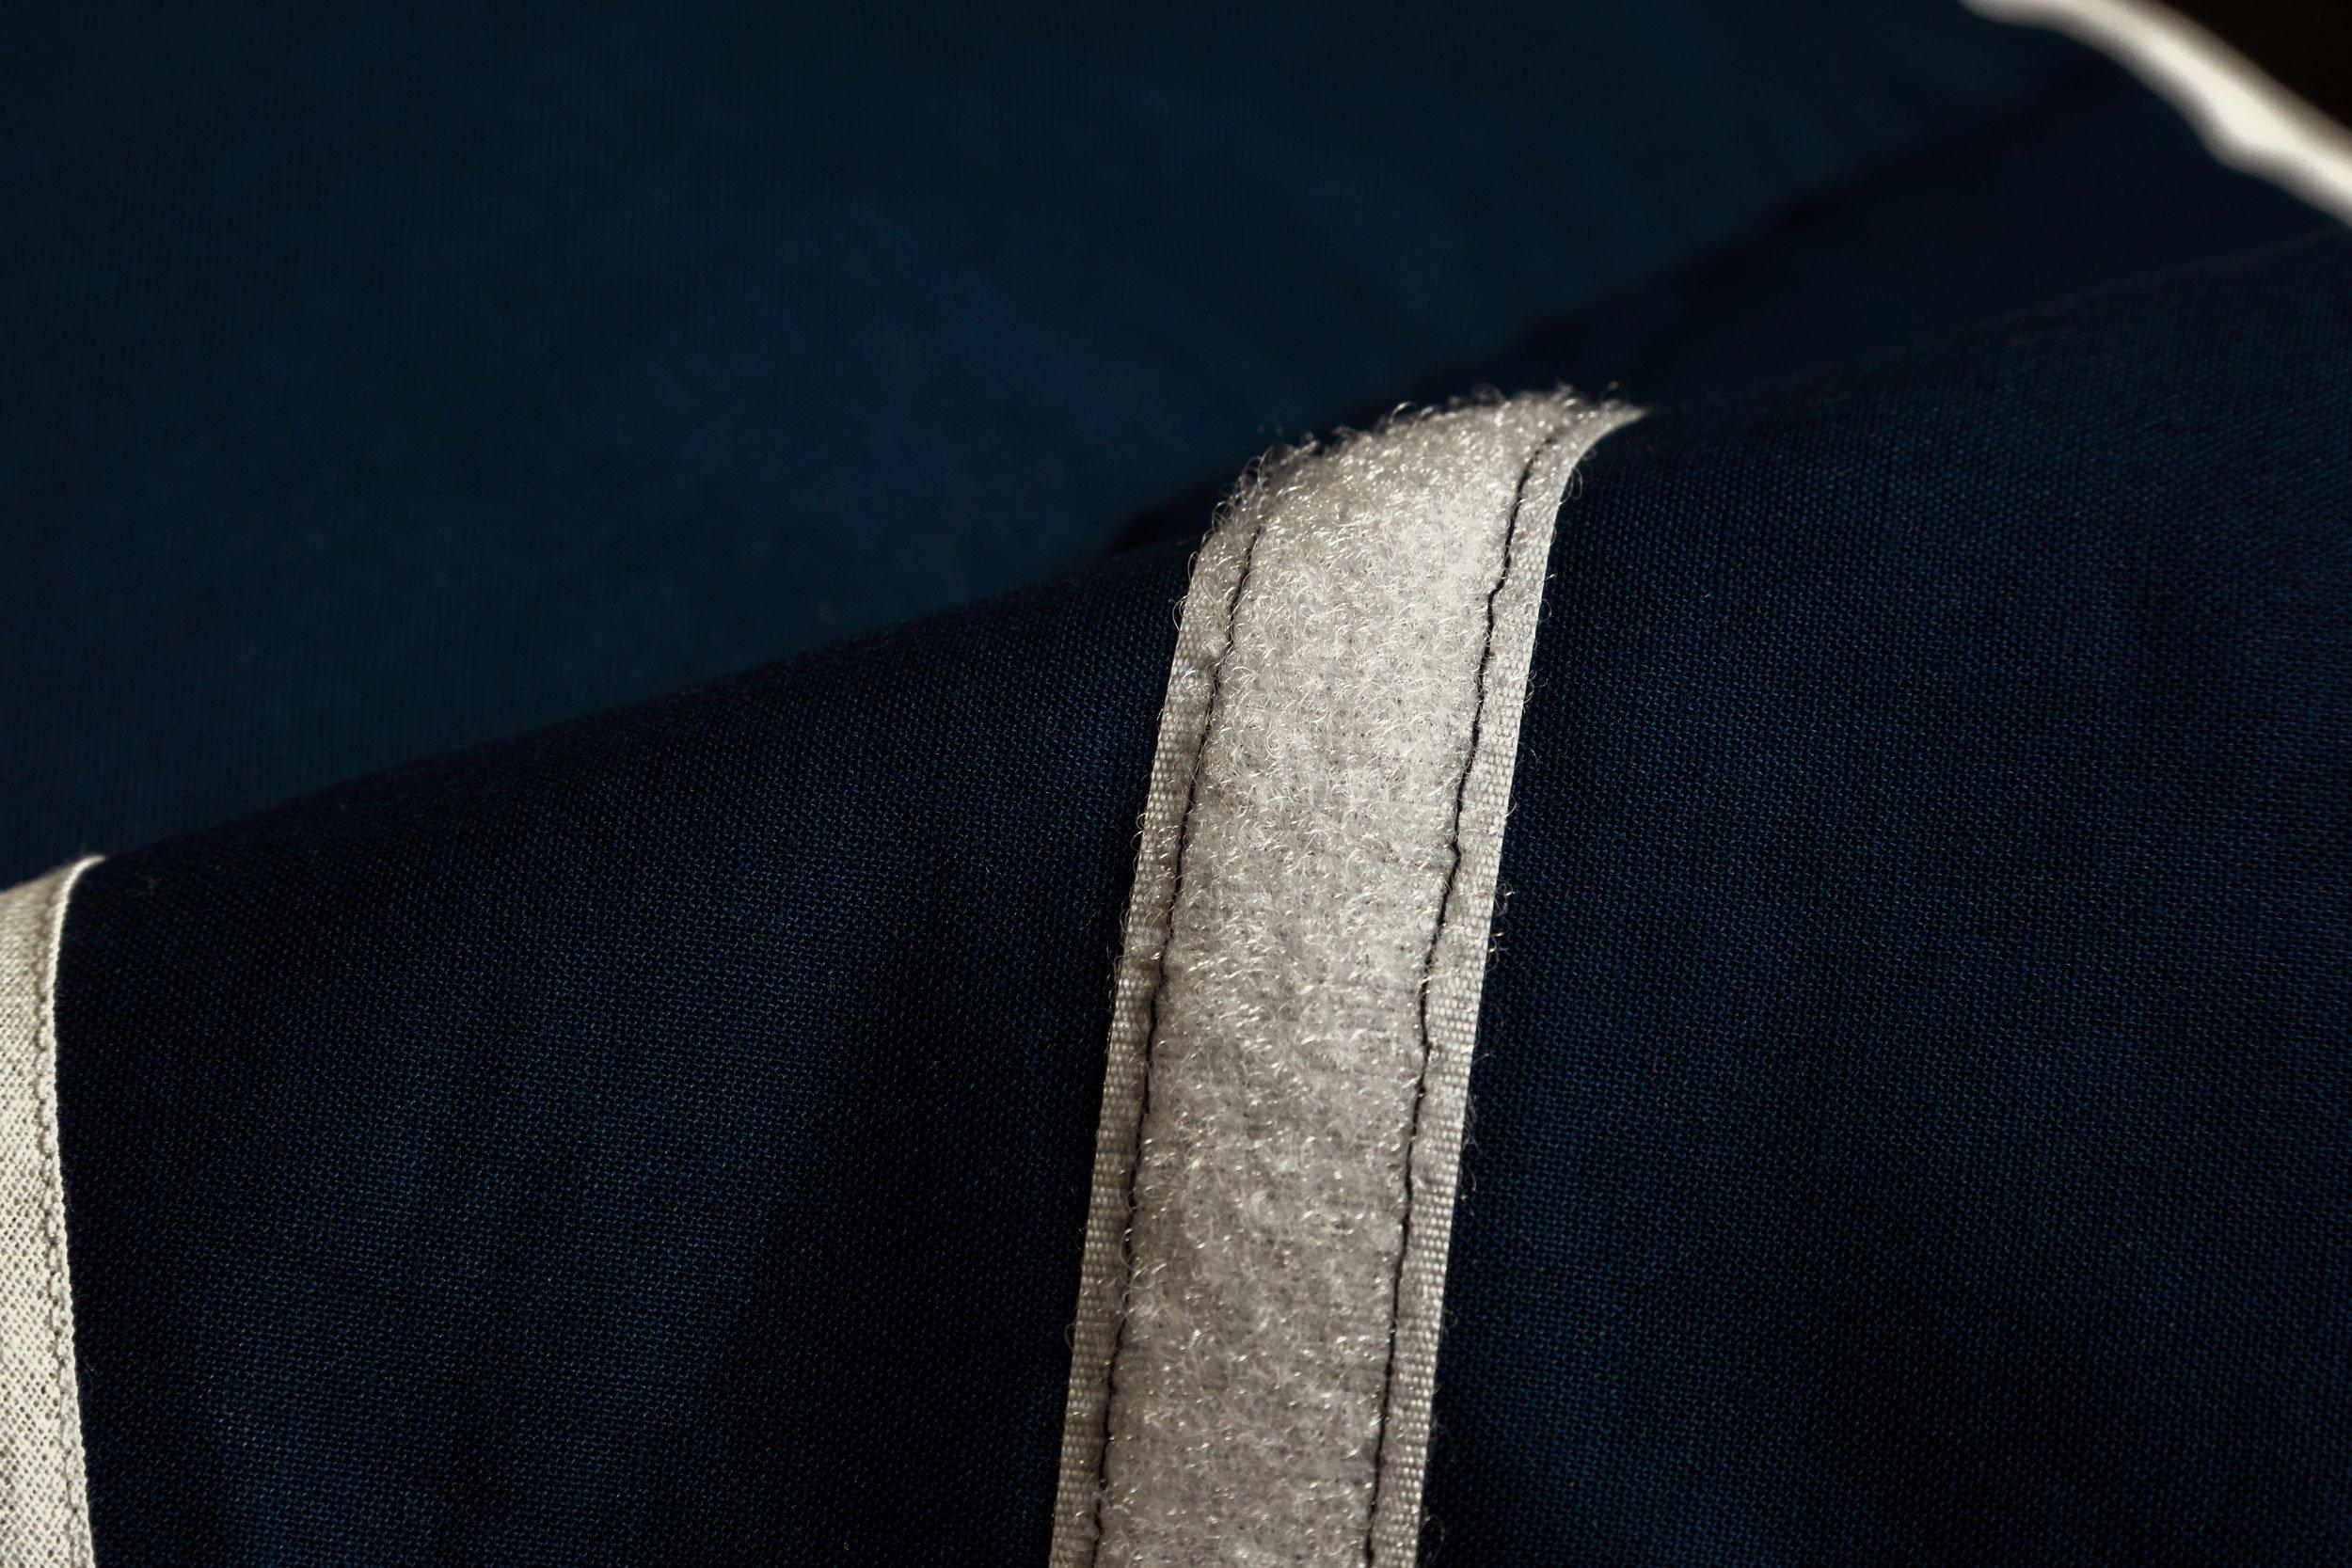 R/ückenkissen K/örnerkissen Bio-Stoff blau-wei/ß Bio-Dinkelkissen W/ärmekissen G/ürtel mit Klettverschluss 135cm 7-Kammer ca